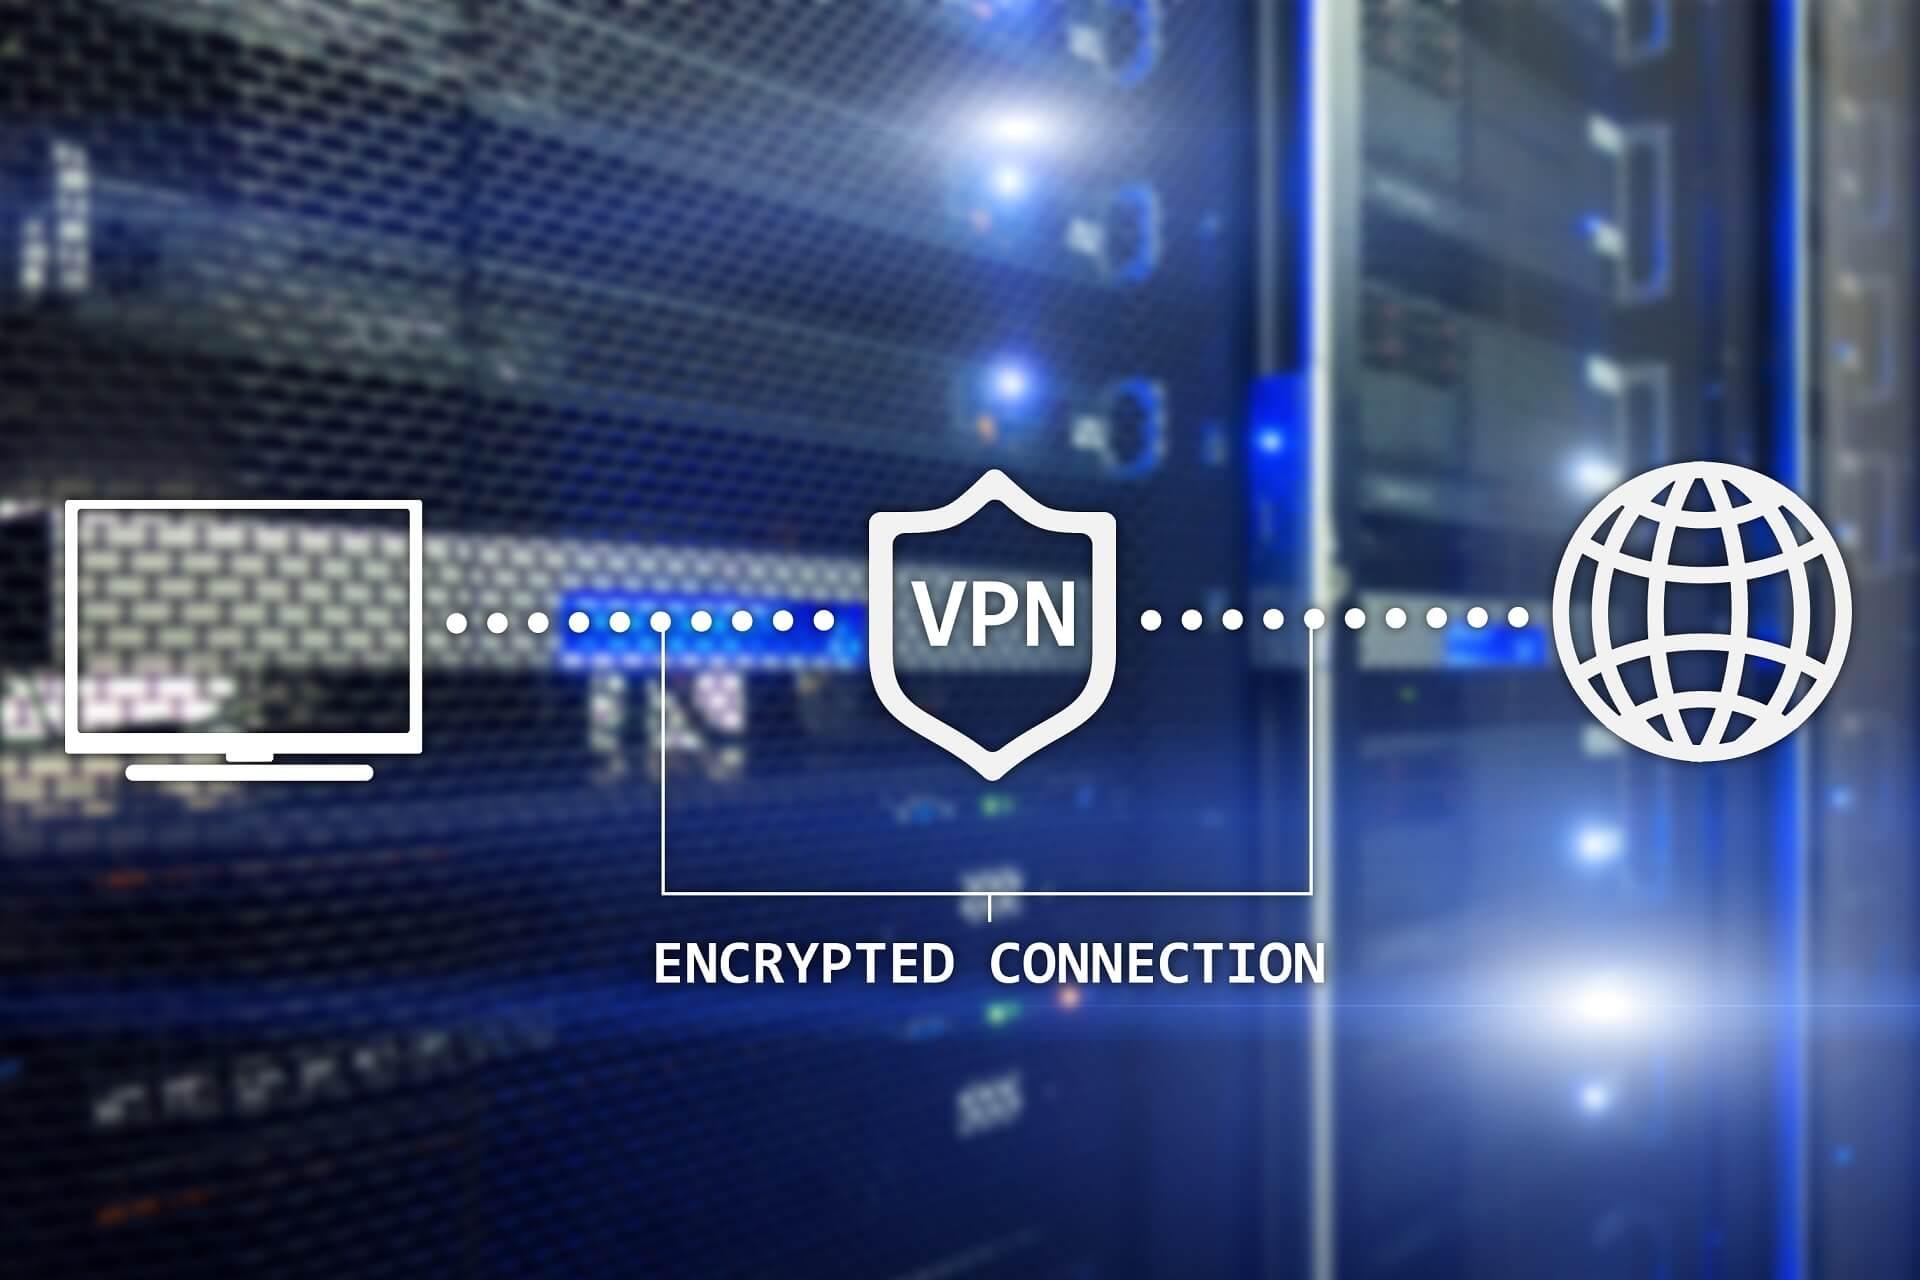 Le VPN PPTP de Windows 10 ne se connecte pas